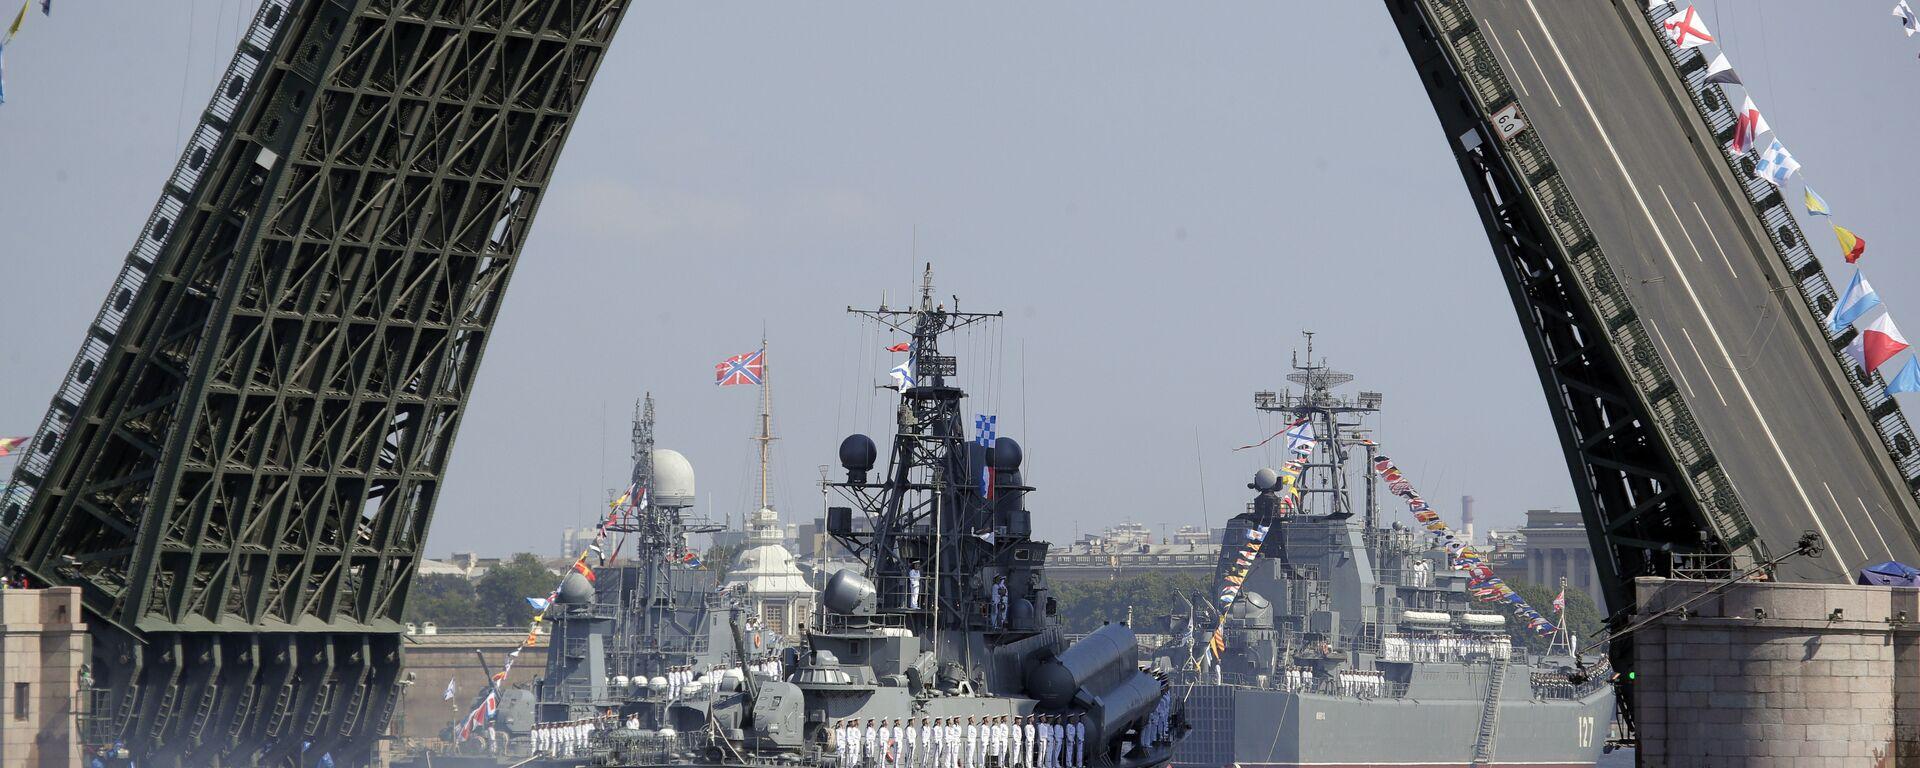 Ruski vojni brod plovi rekom Nevom tokom parade za Dan ratne mornarice Rusije u Sankt Peterburgu - Sputnik Srbija, 1920, 06.01.2020